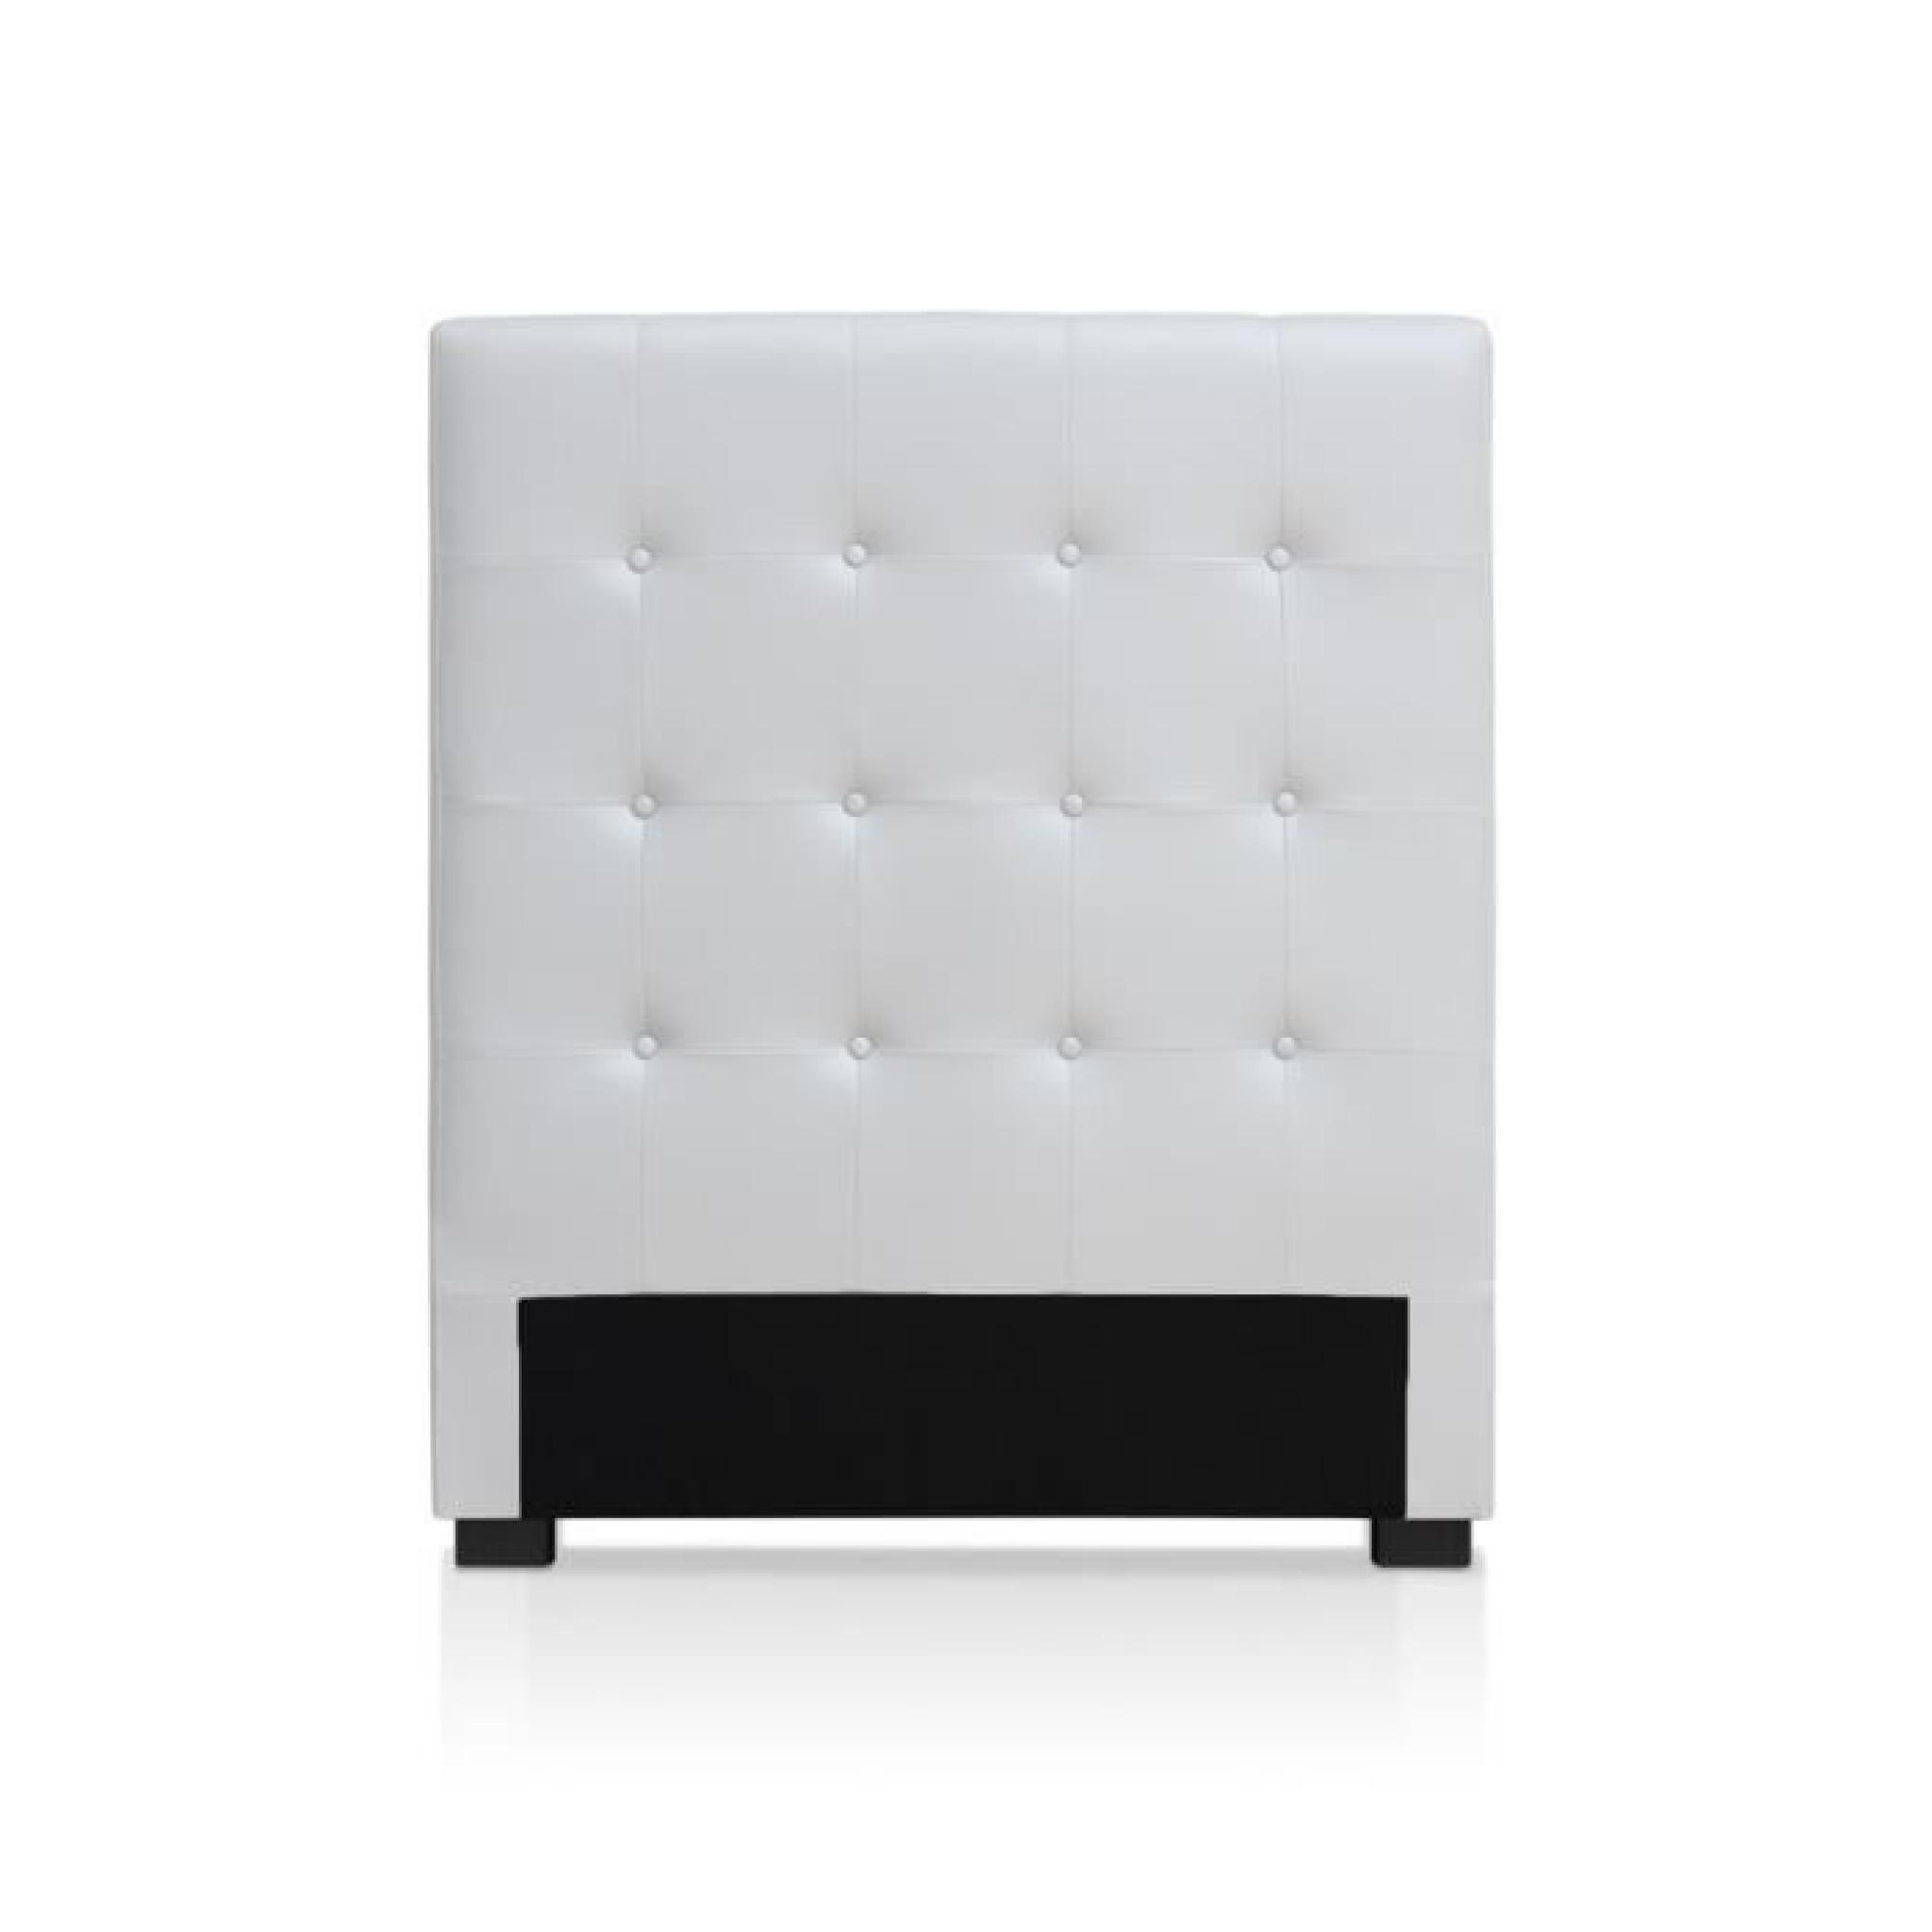 tete de lit luxor 90cm blanc achat vente tete de lit pas cher couleur et design fr